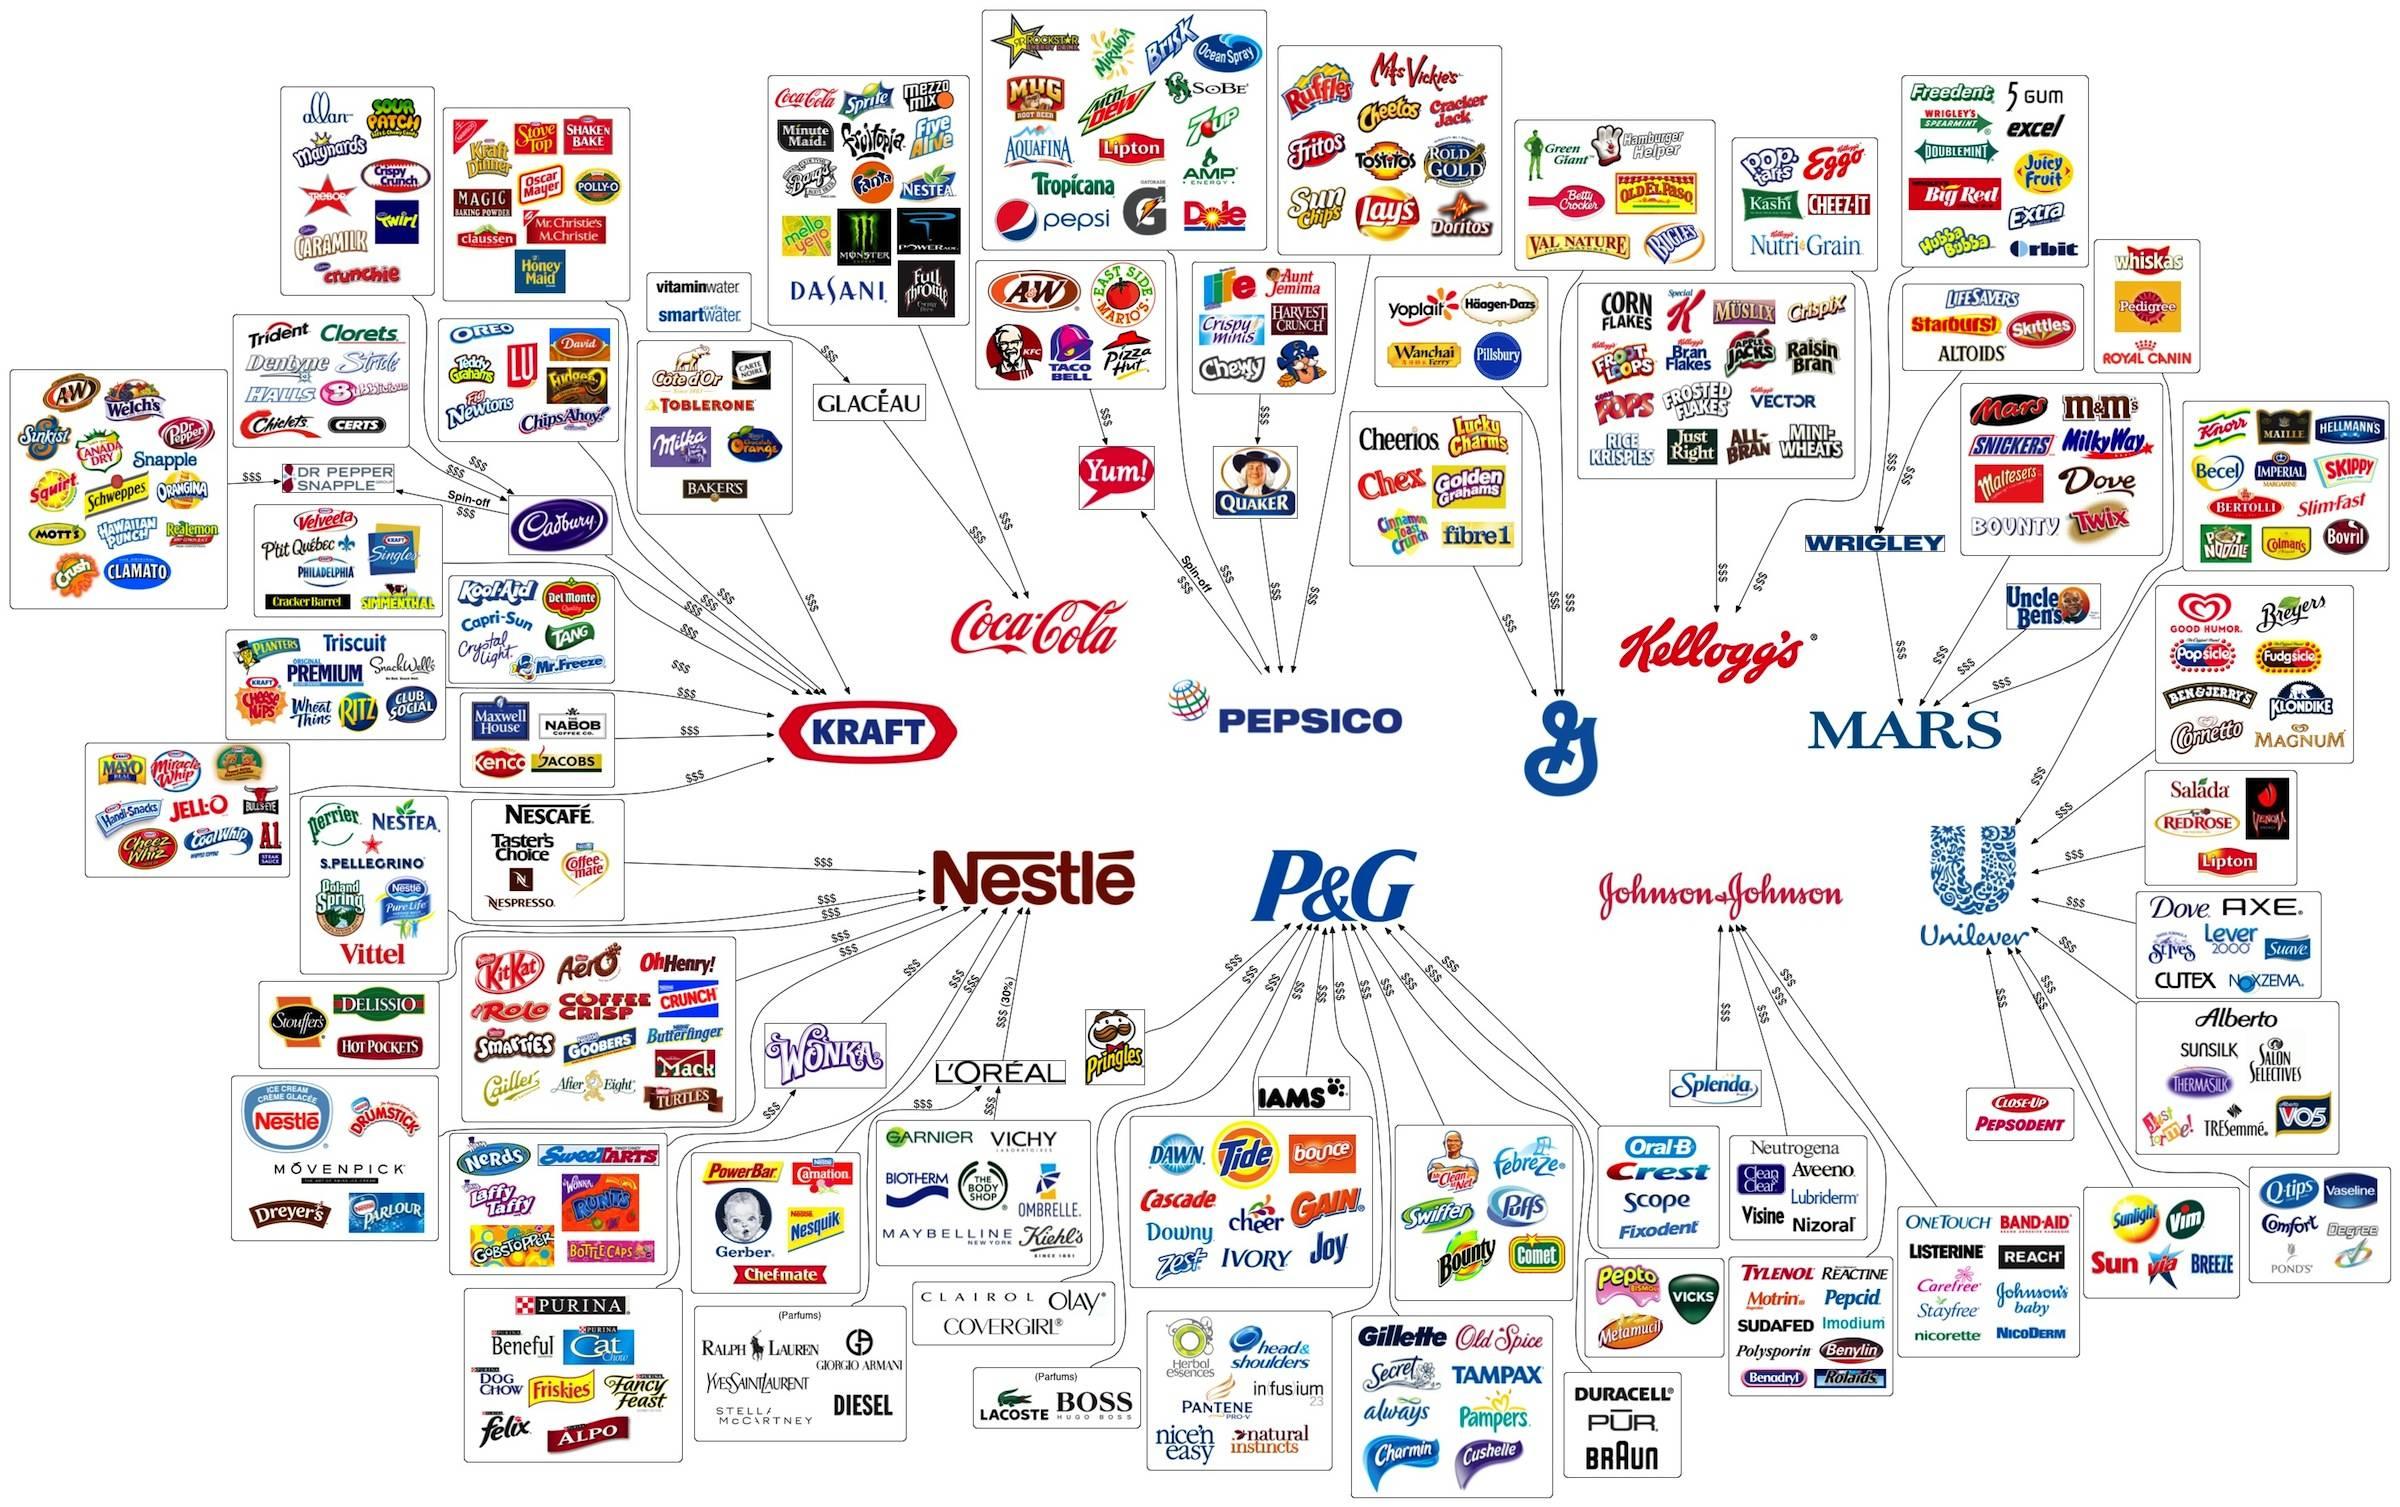 Overzicht van merken, brands.